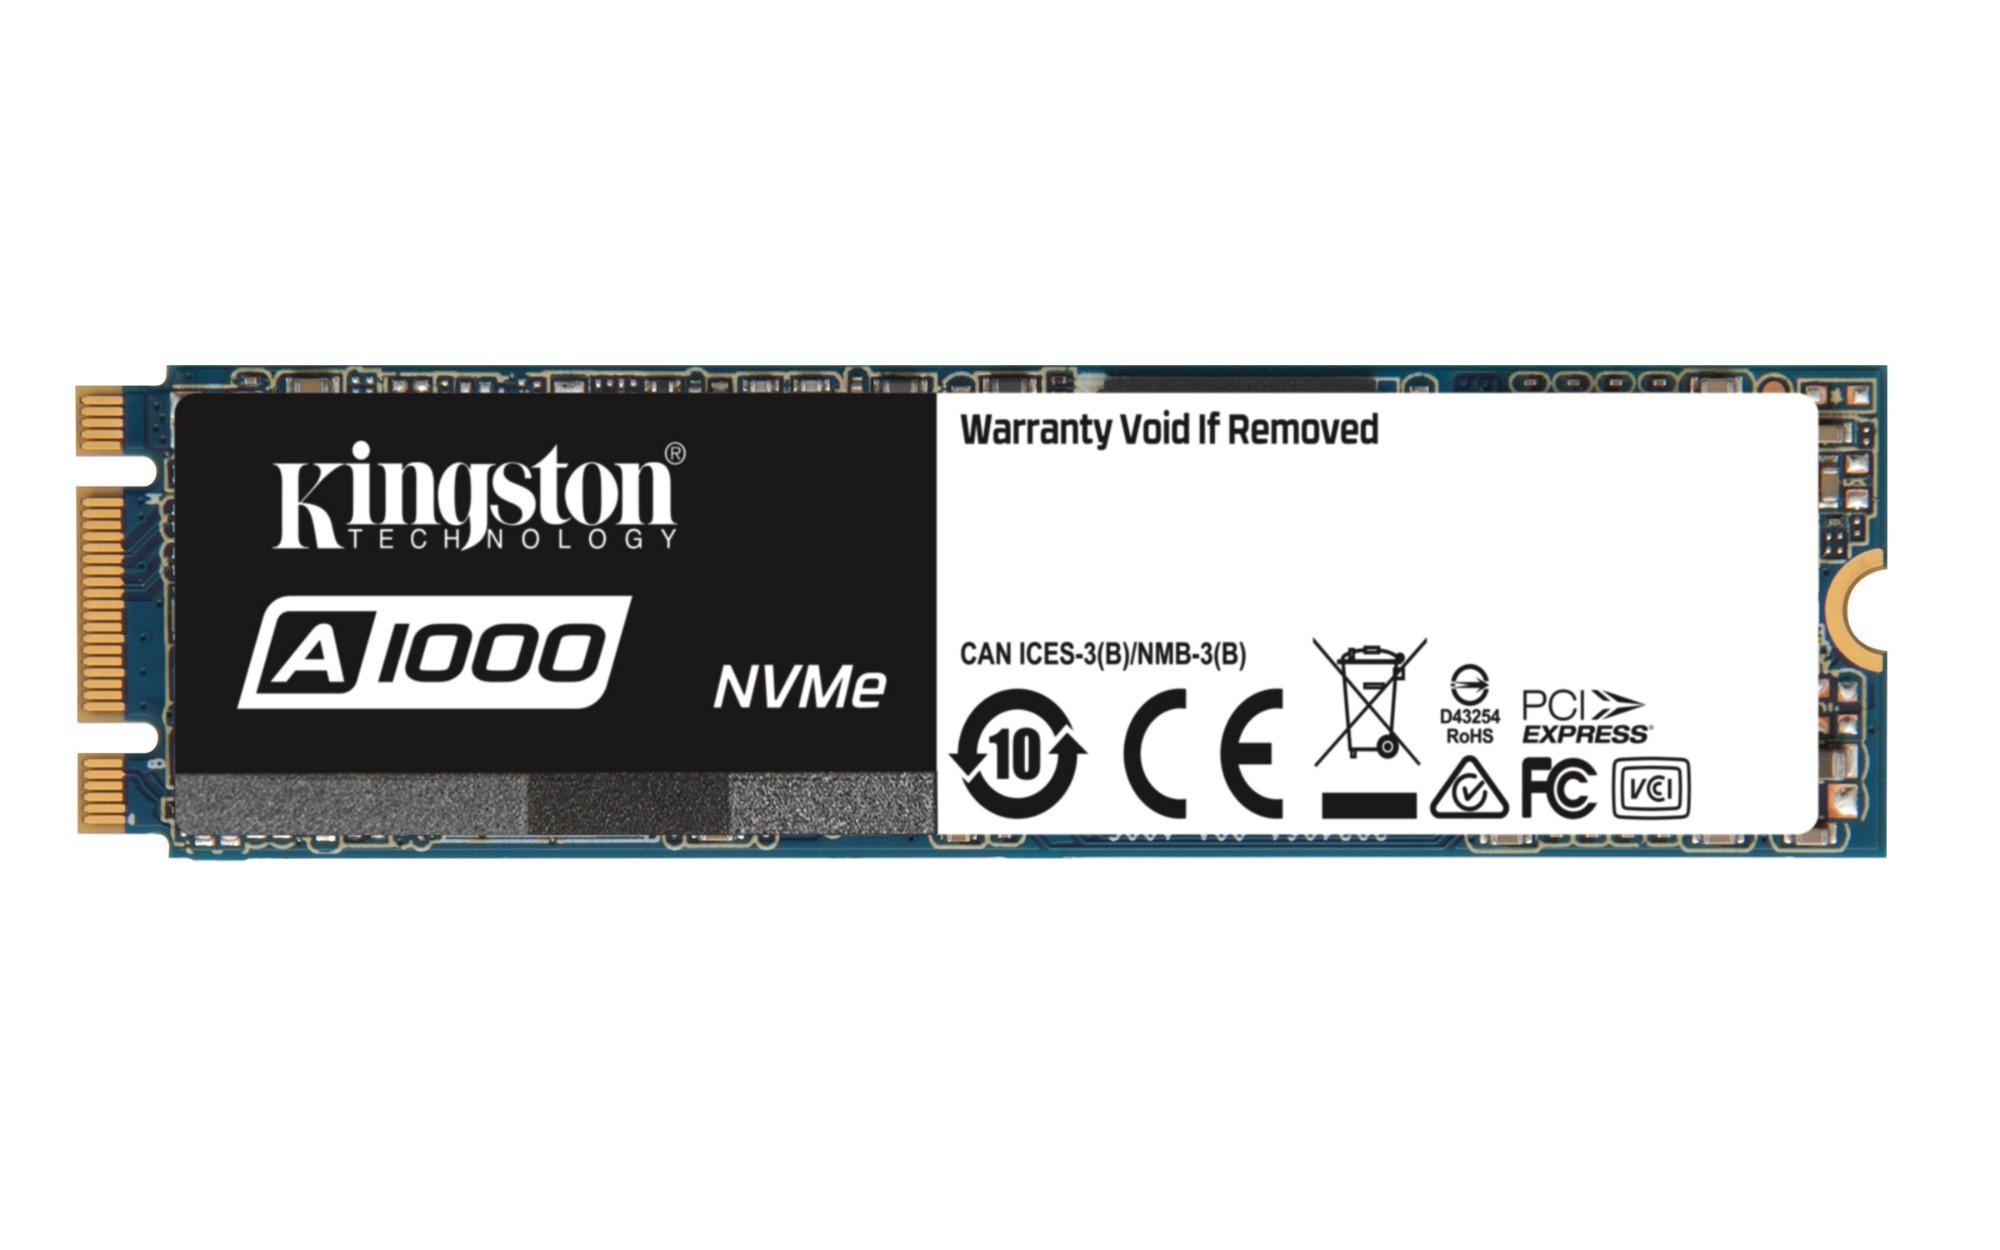 Kingston Technology A1000 960 GB PCI Express M.2